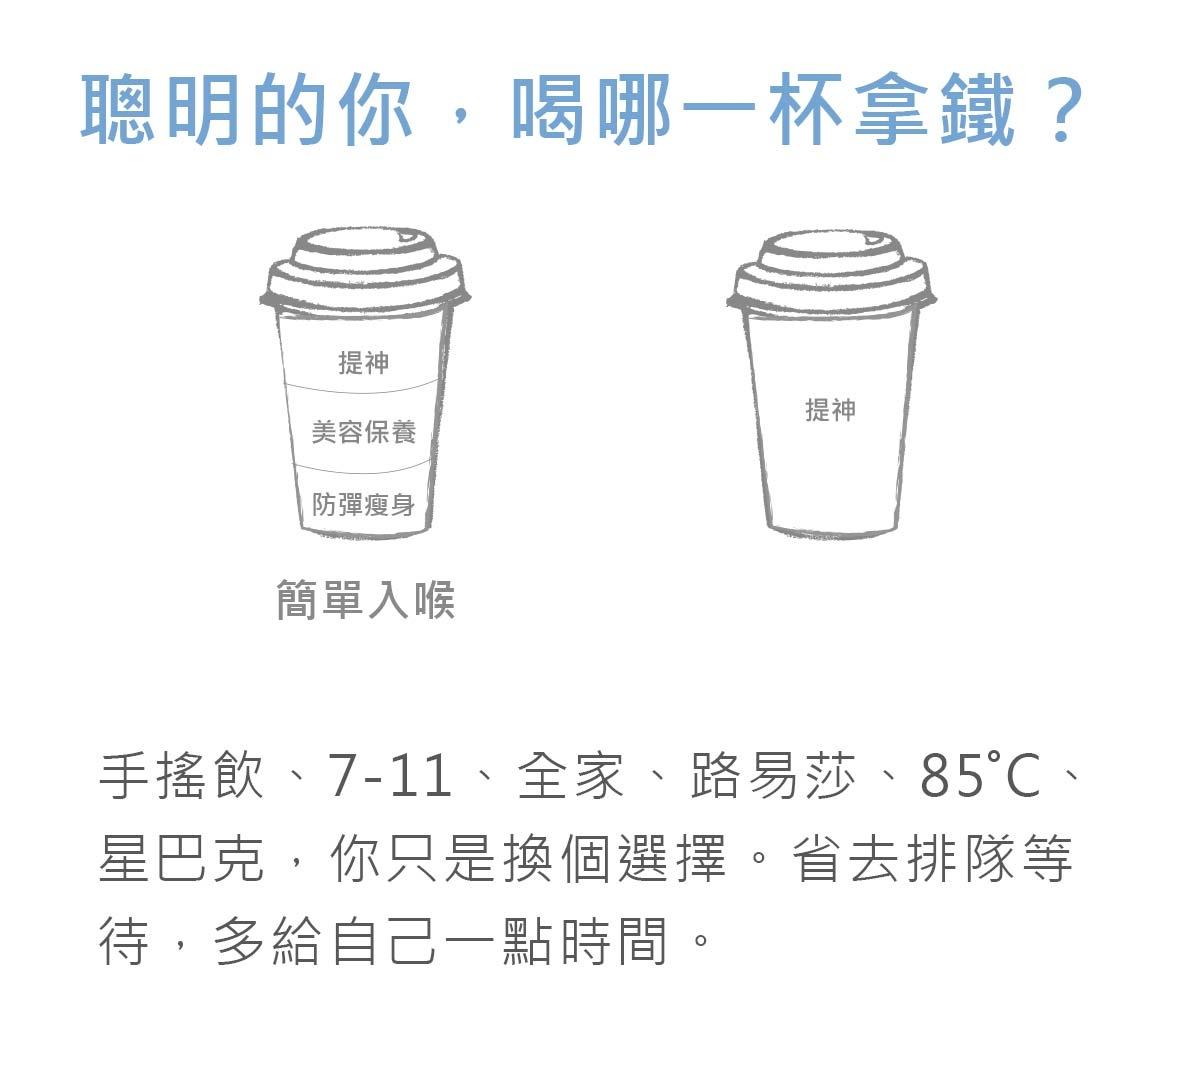 一杯加入膠原蛋白和防彈的咖啡-一杯只有提神的咖啡-聰明的你-你選哪一杯-簡單入喉膠原蛋白防彈拿鐵咖啡